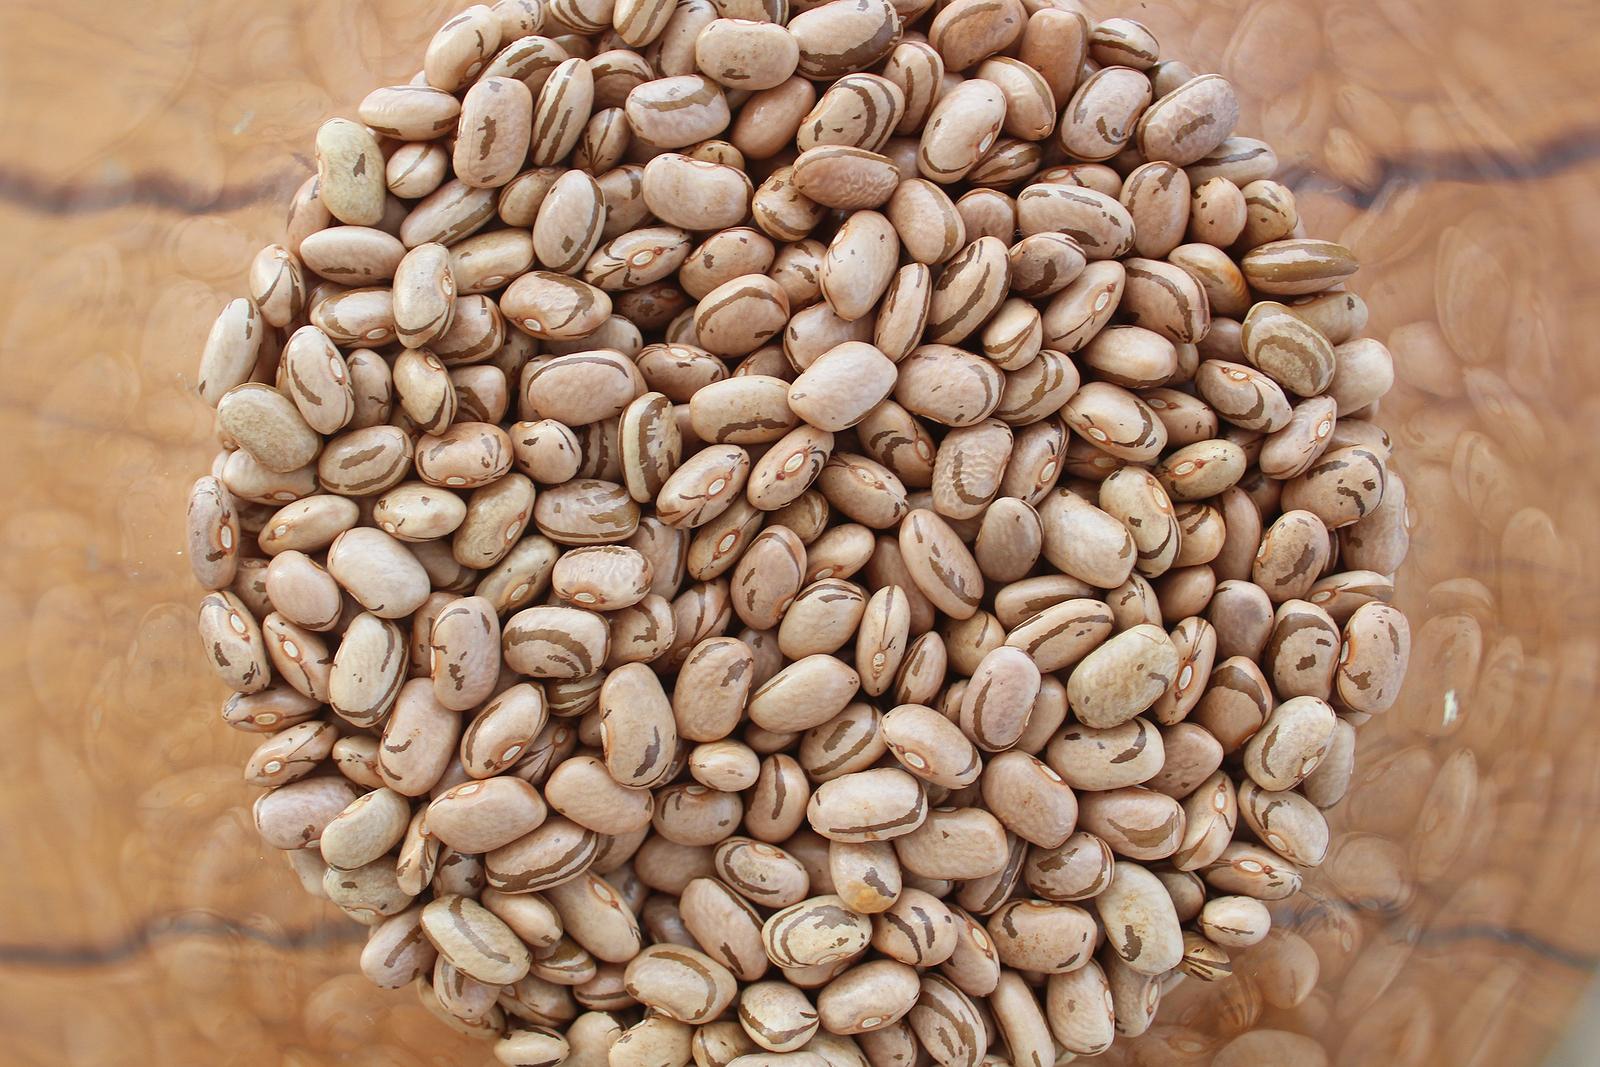 Fontes de proteína vegetal, as leguminosas são fundamentais para a composição dos músculos e diversas outras funções